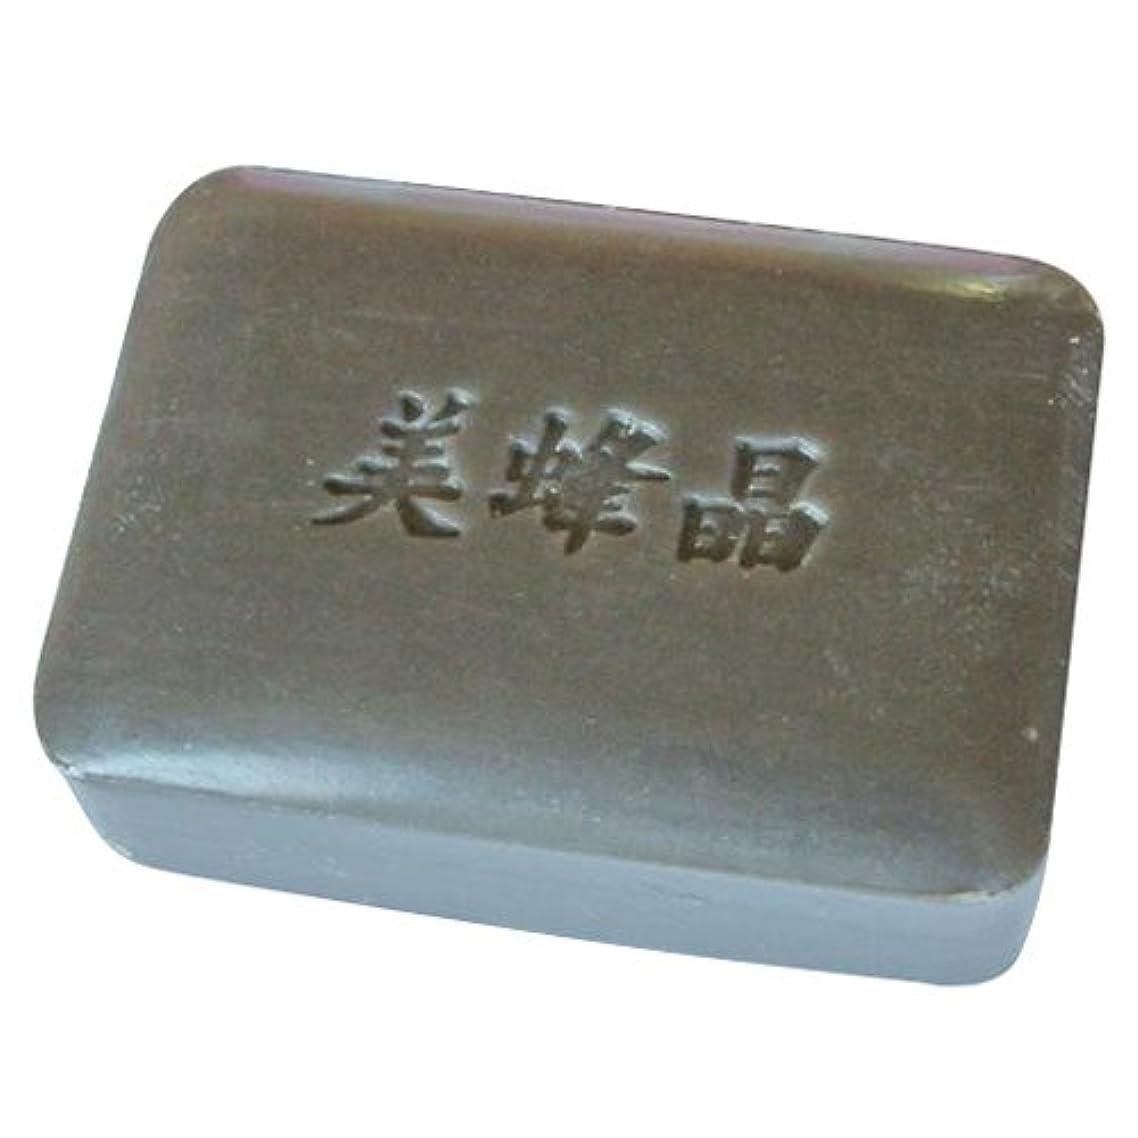 調停者遵守する開示する鈴木養蜂場 プロポリス石鹸 美蜂晶100g 2個セット